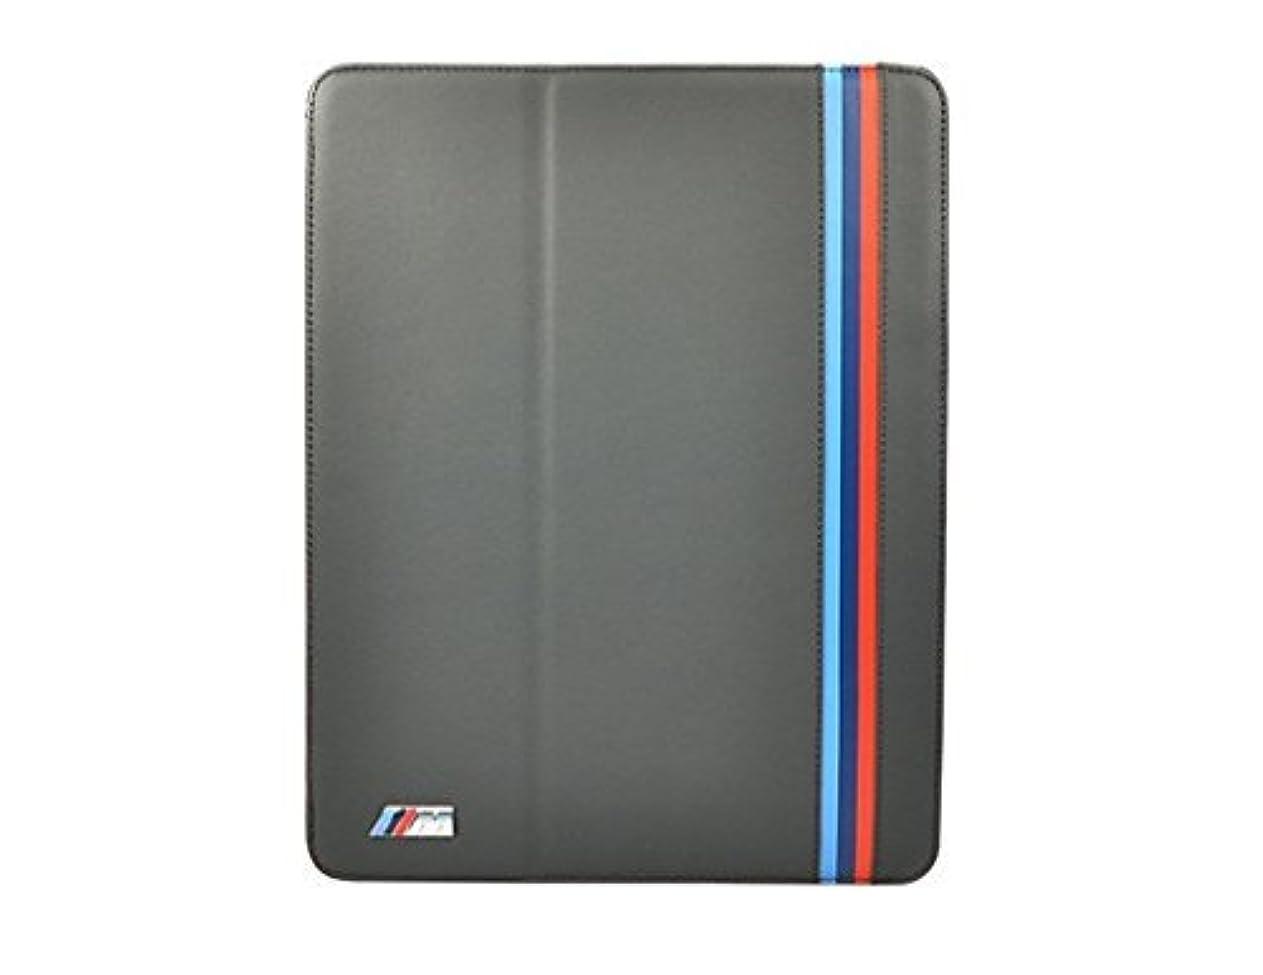 調和のとれた傷つける行動BMW M Collection Genuine Leather Folio Case for iPad Singapore Gray